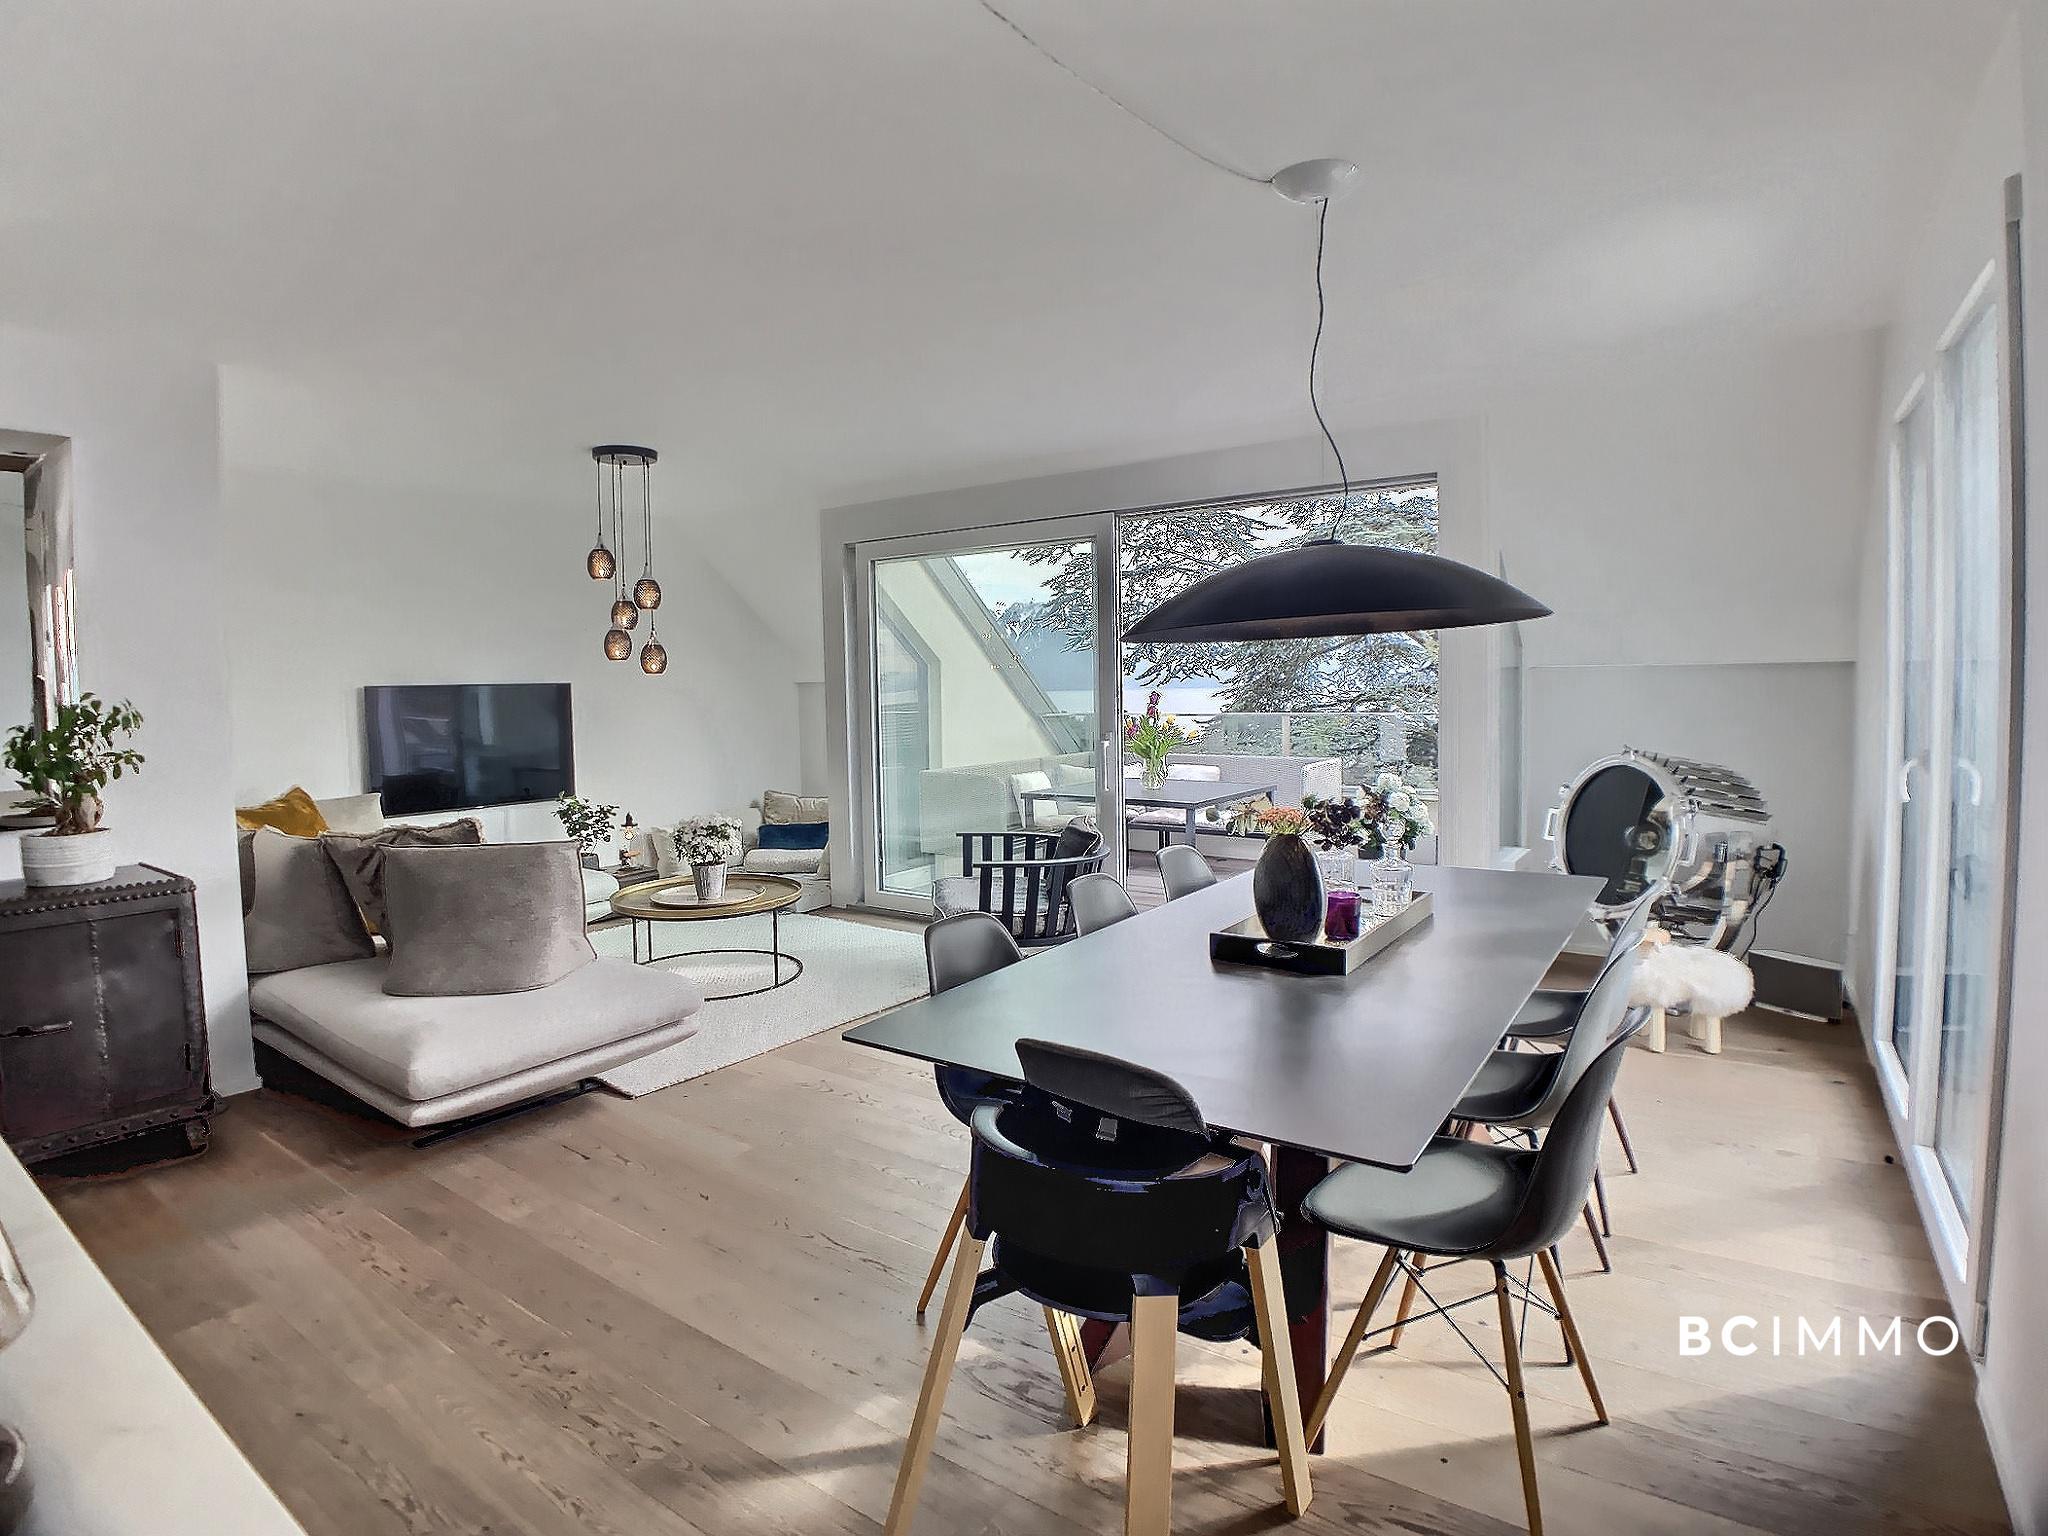 BC Immo - Exclusivité : Magnifique duplex contemporain en attique - 1009HB191